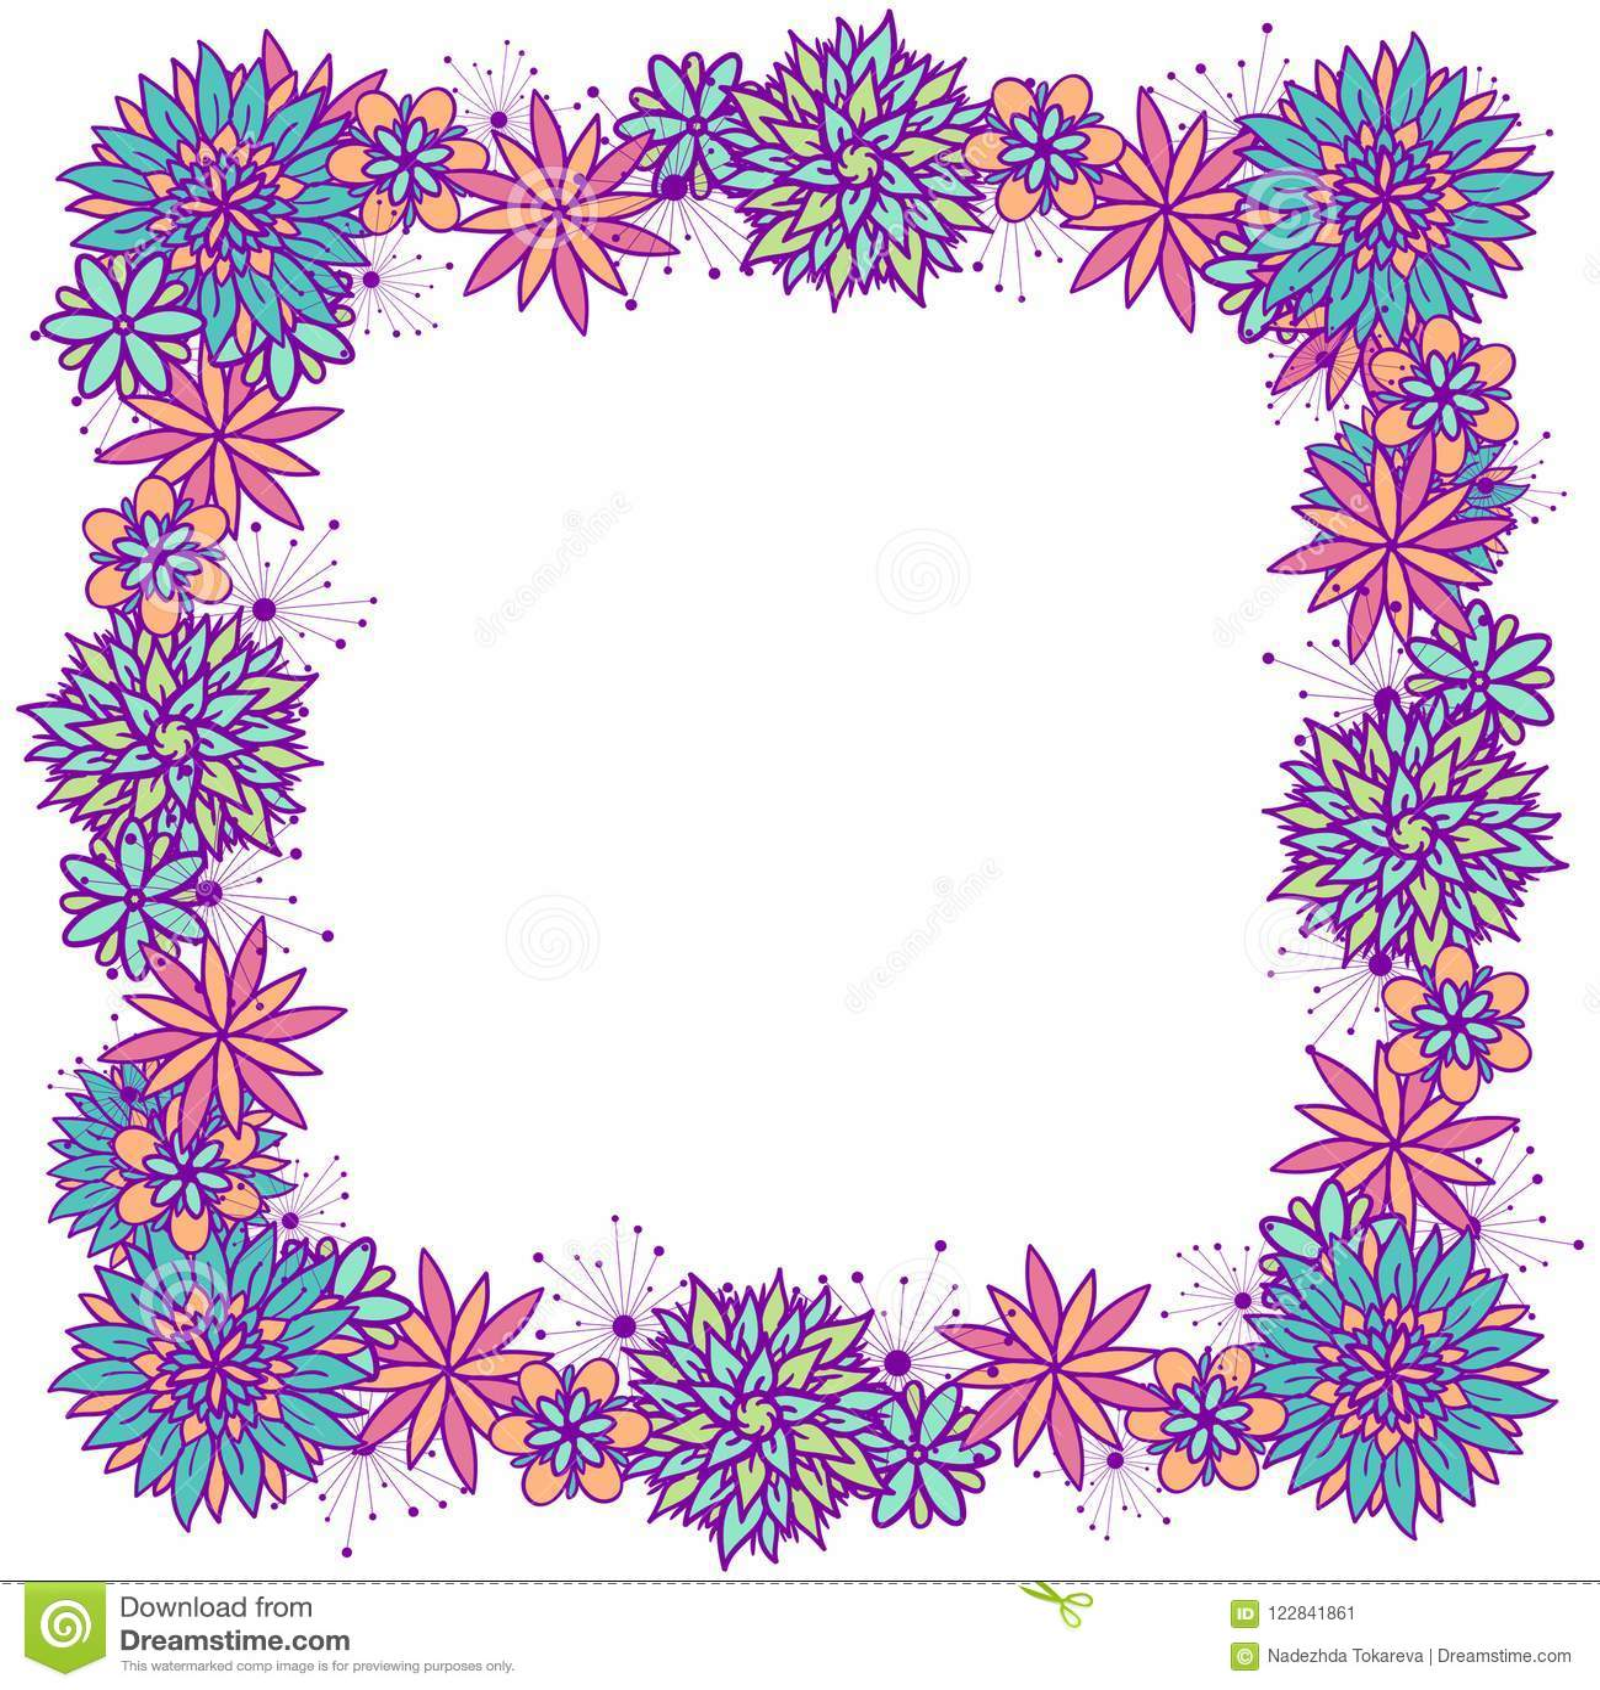 Vector Doodle Square Floral Frame For Girls Stock Illustration